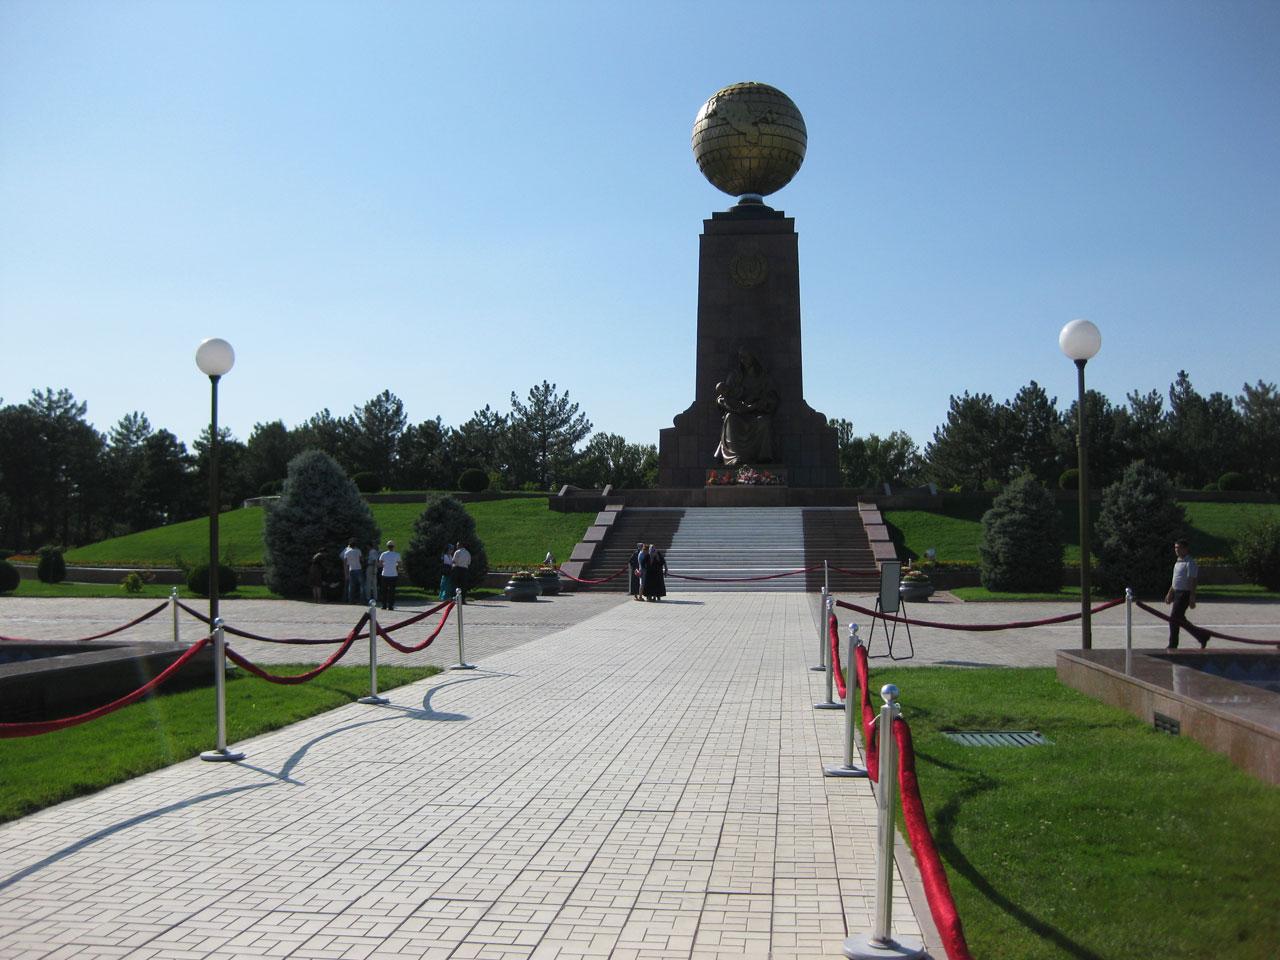 Mustaqillik Maydoni - Independence Square, Tashkent